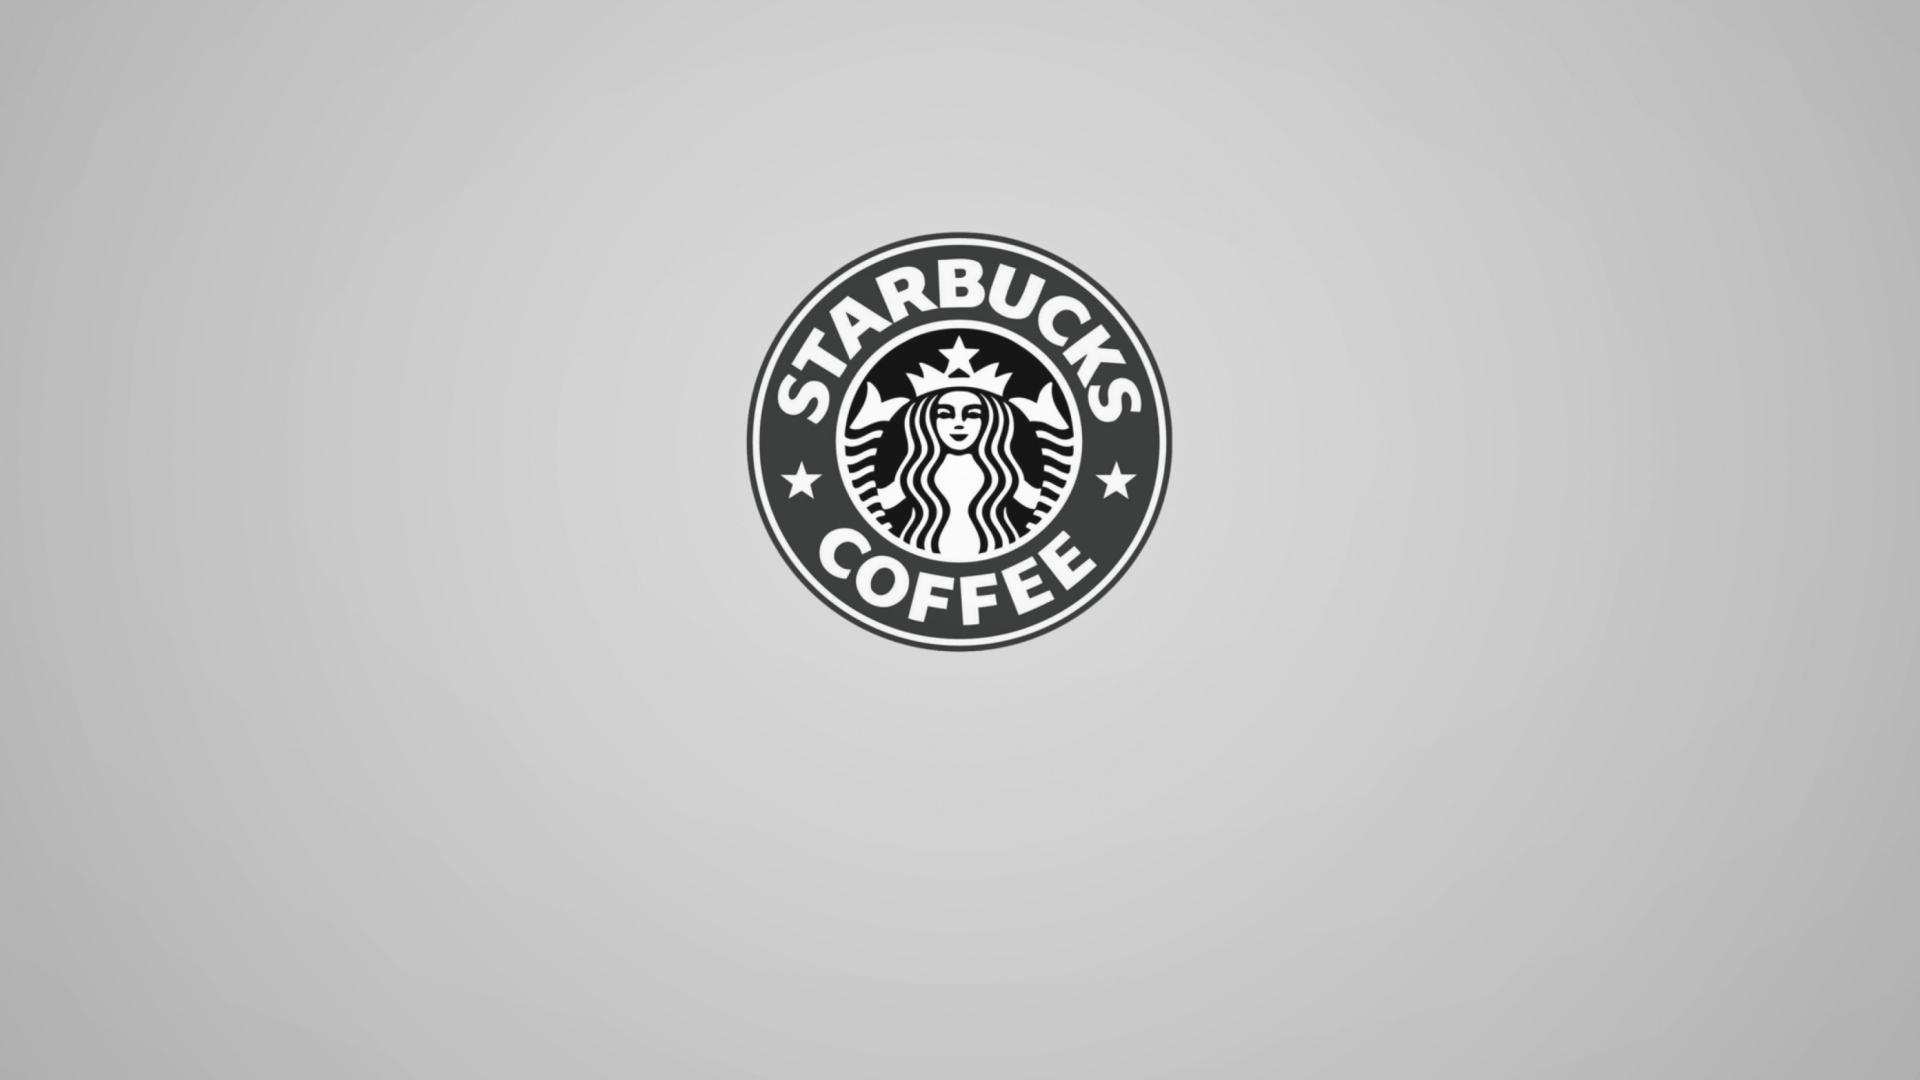 Wallpaper Hd For Mobile Free Download Girl Starbucks Logo Wallpaper Pixelstalk Net